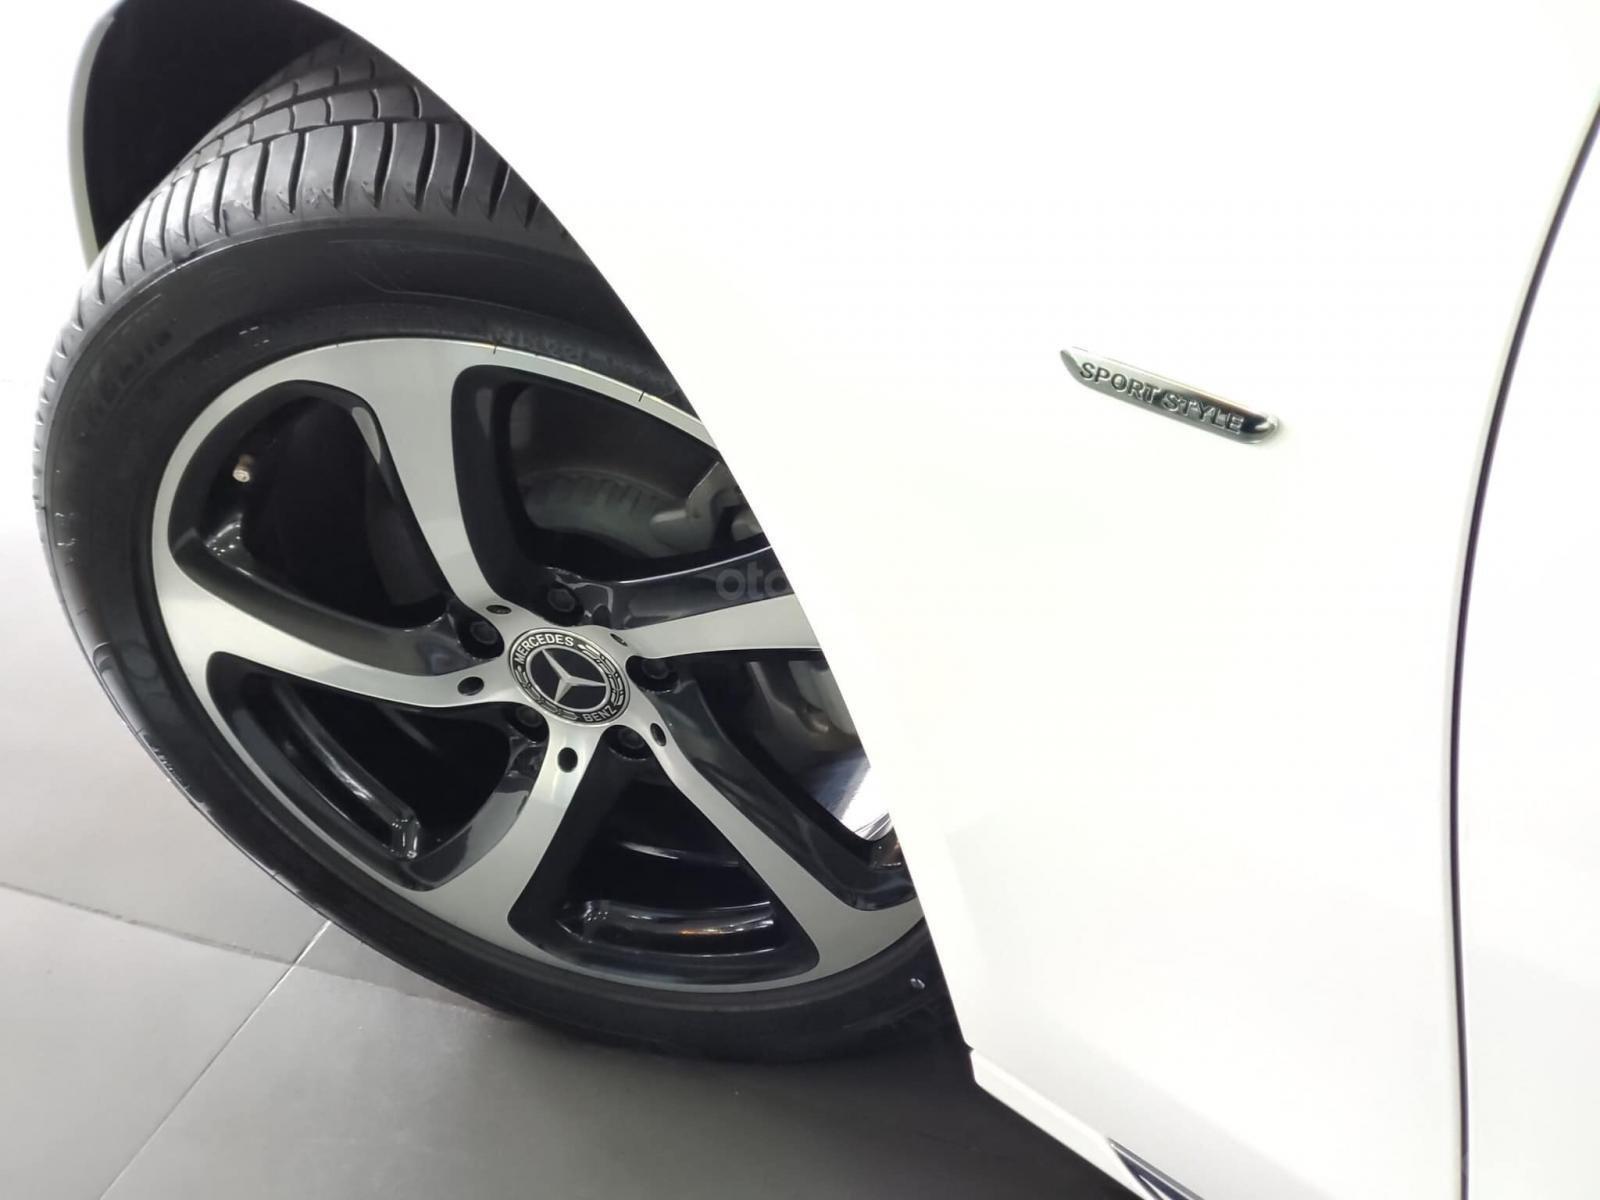 Giá xe Mercedes E200 Sport 2019, thông số, giá lăn bánh, khuyến mãi (12/2019), xe có sẵn giao ngay (3)